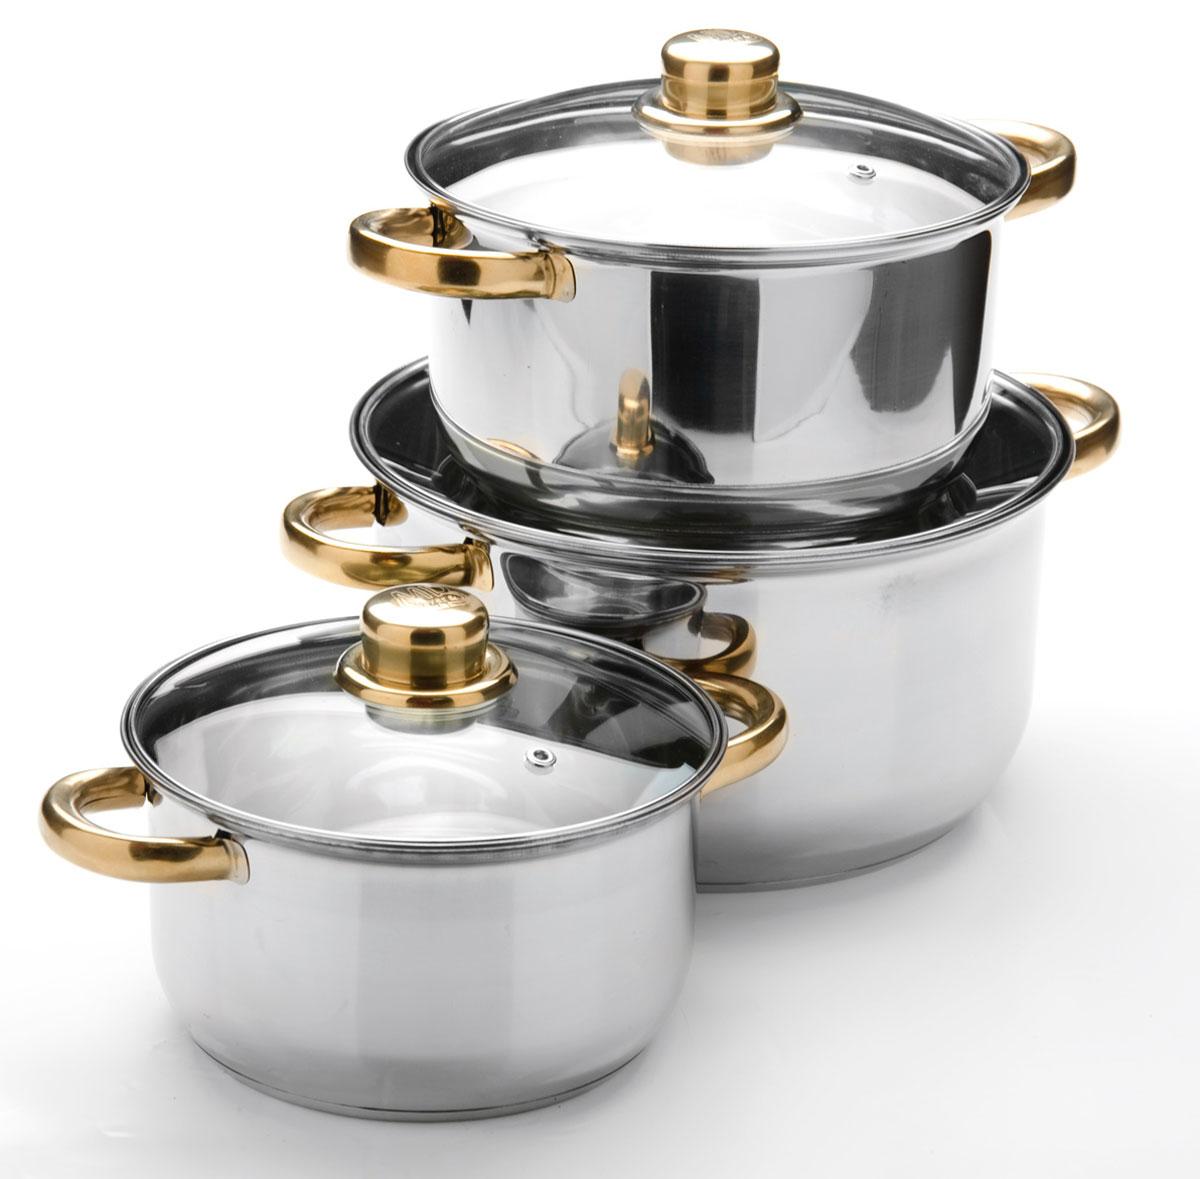 Набор посуды Mayer & Boch, 6 предметов. 25754 качурина т приготовление блюд из рыбы учебное пособие